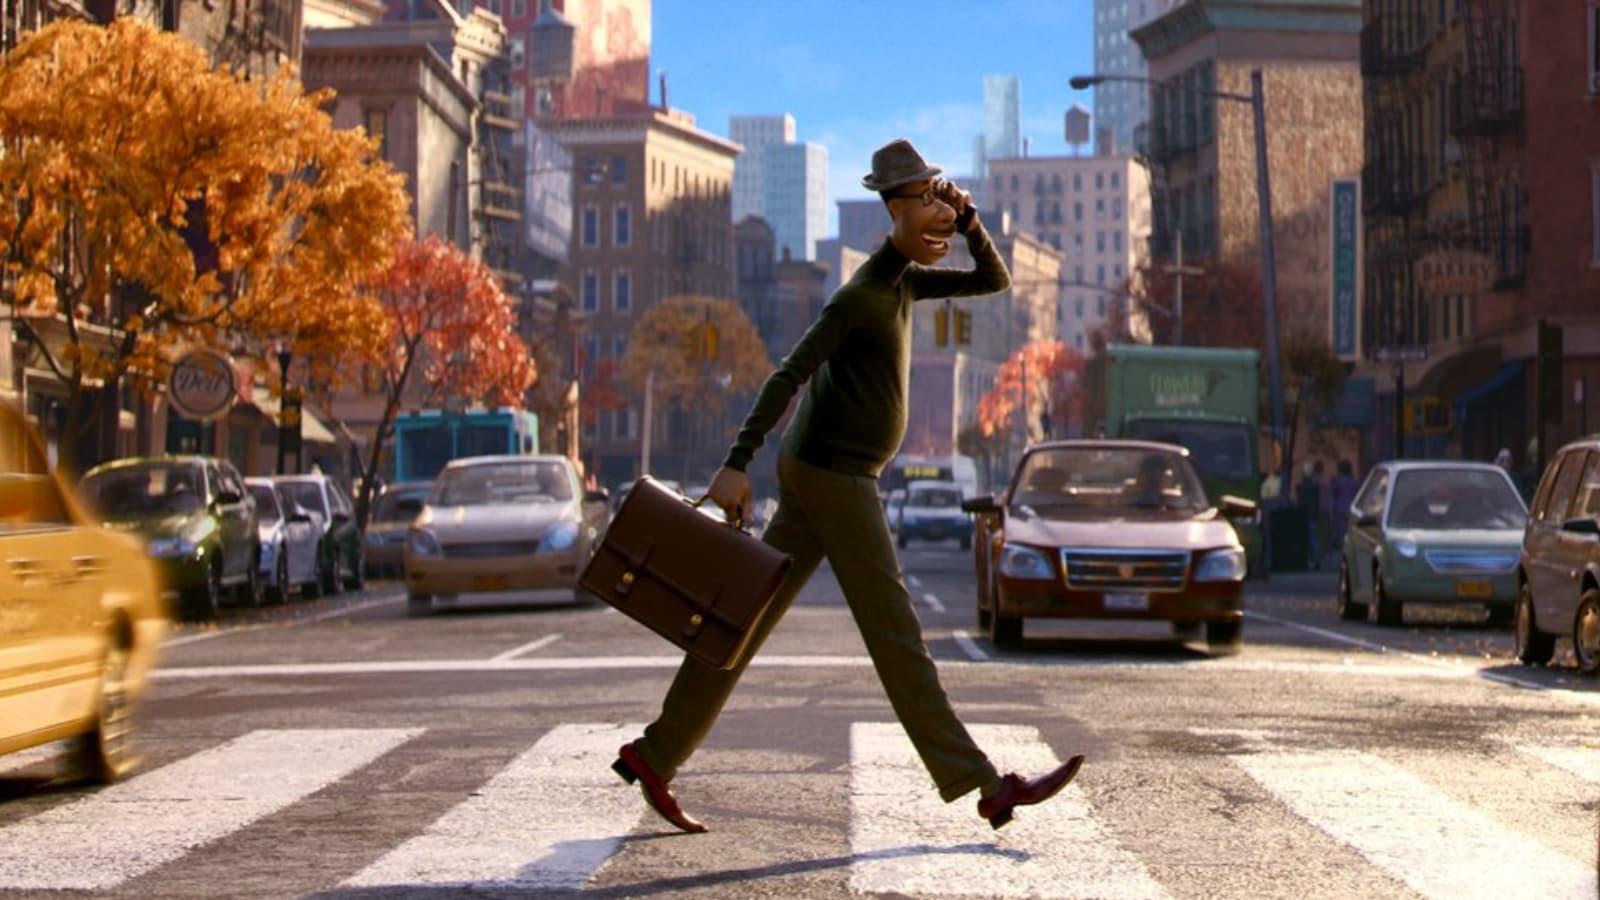 Les plus grands films Disney et Pixar sont en VOD